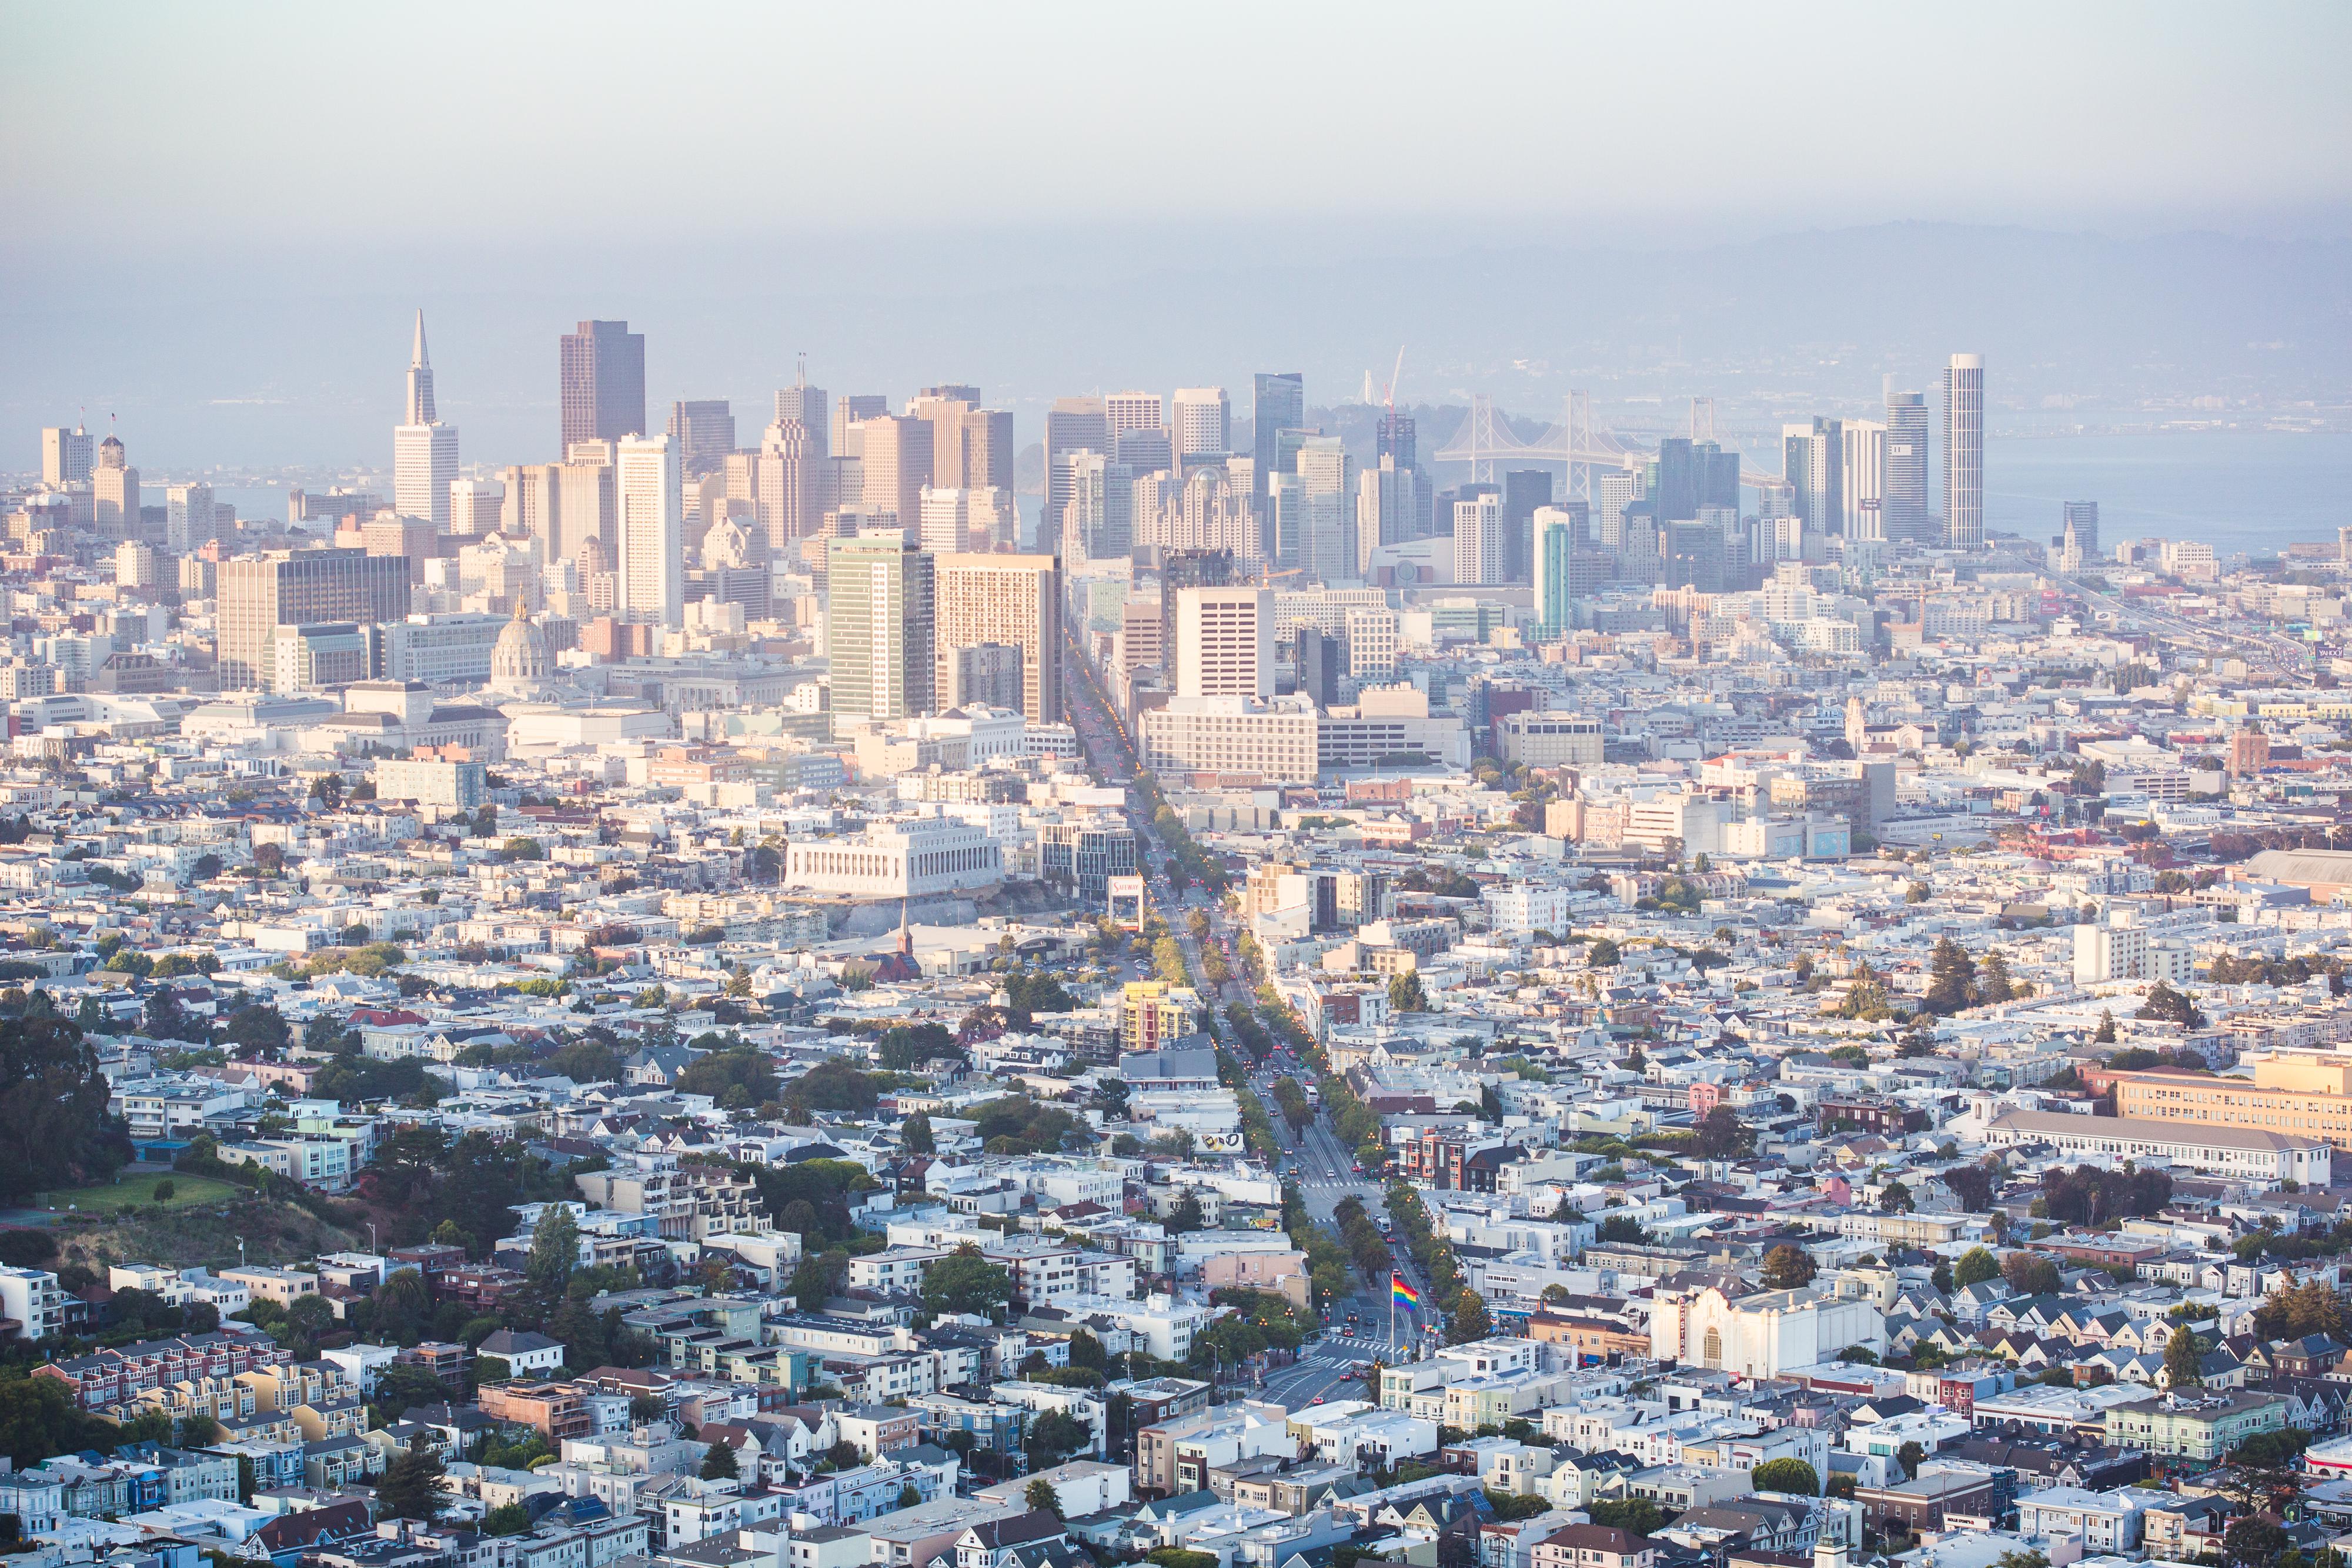 cityscape-view-of-financial-district-skyscrapers-in-san-francisco-california-picjumbo-com